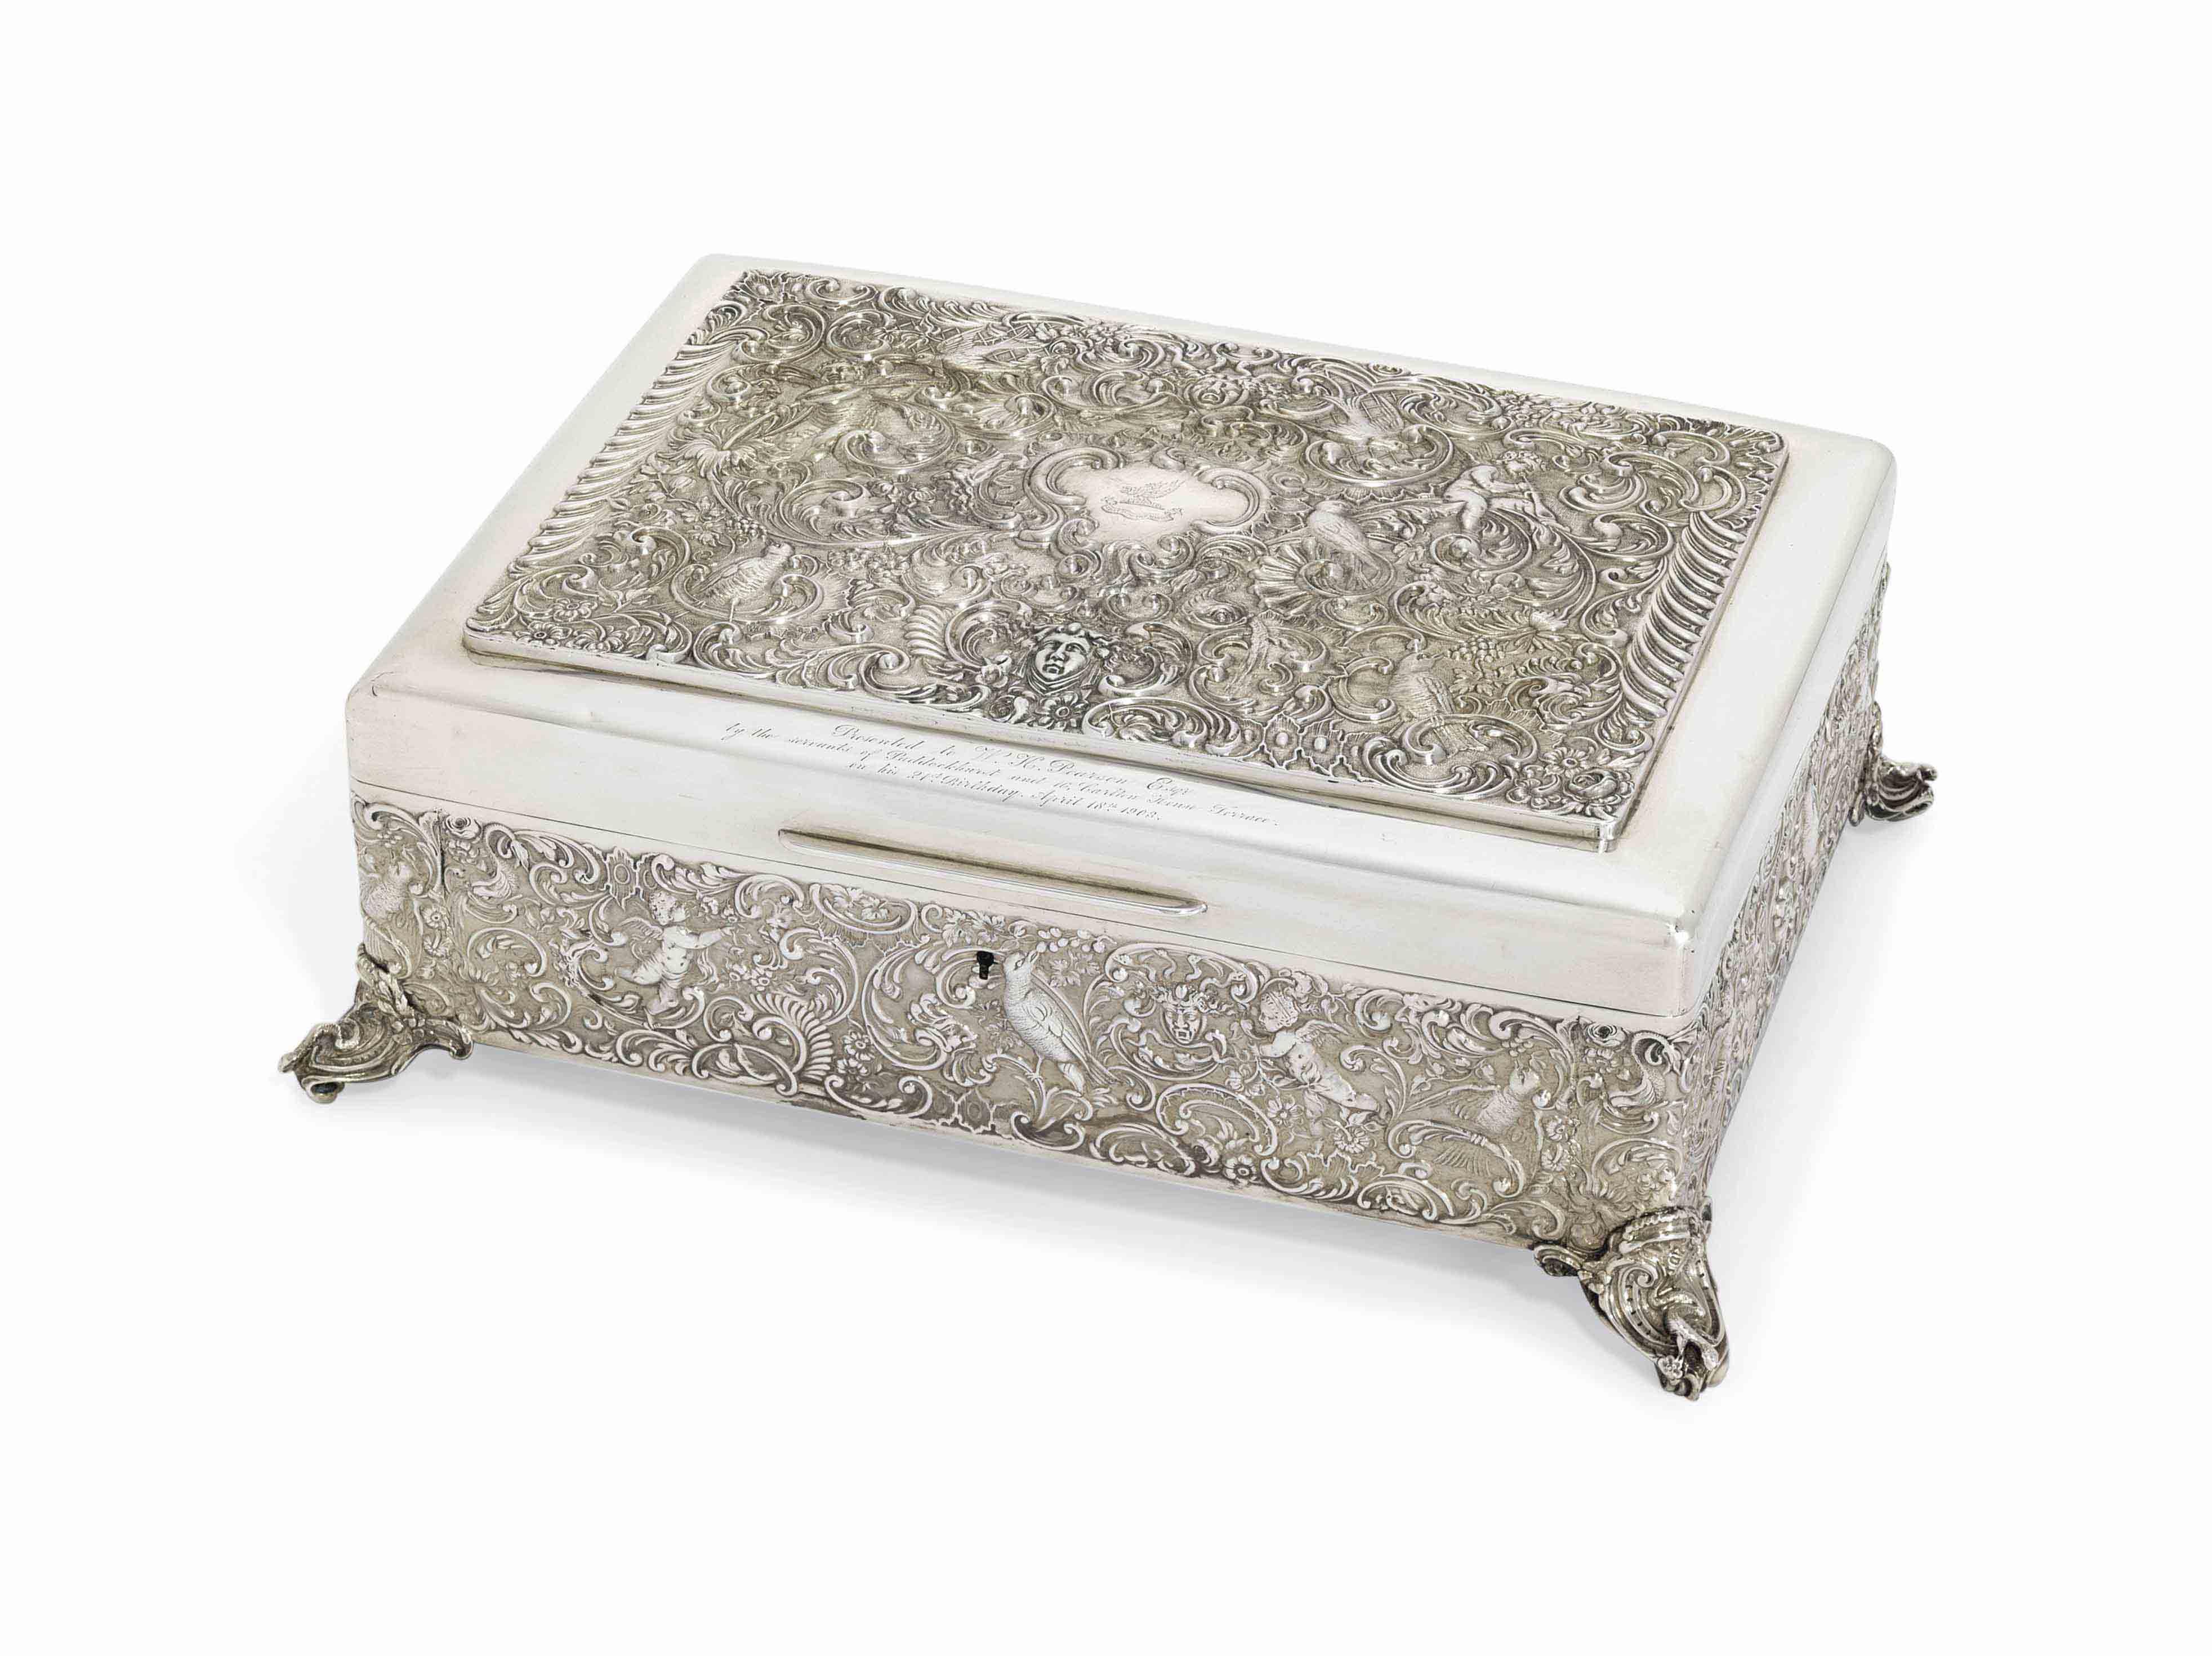 AN EDWARD VII SILVER CIGAR-BOX